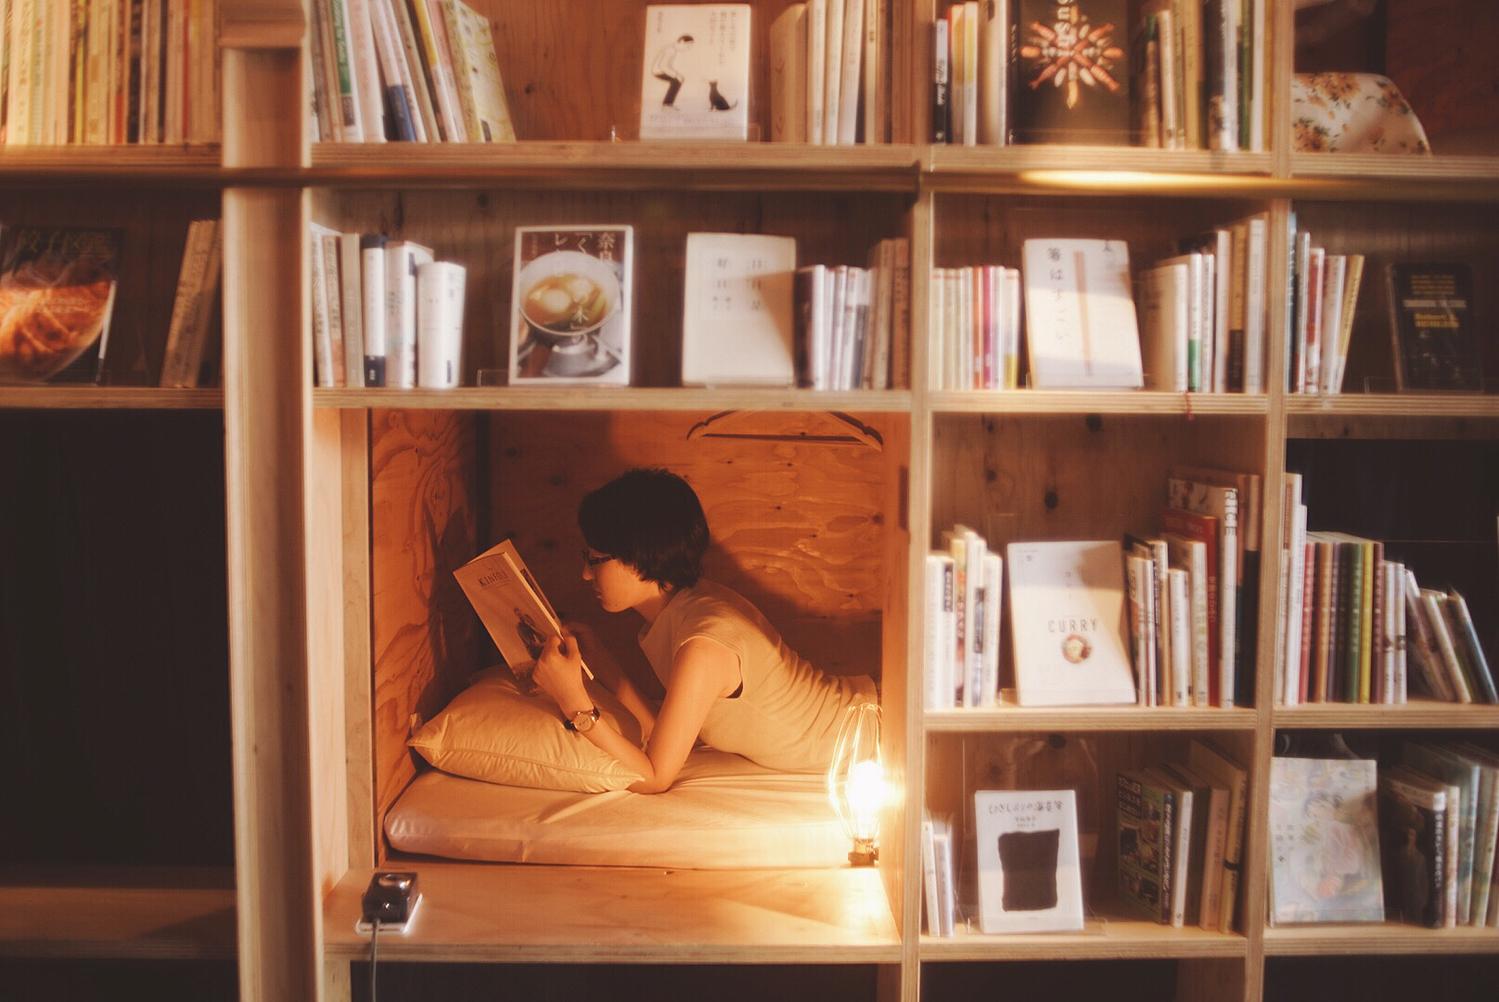 ゆったりリラックスしながらの読書タイム